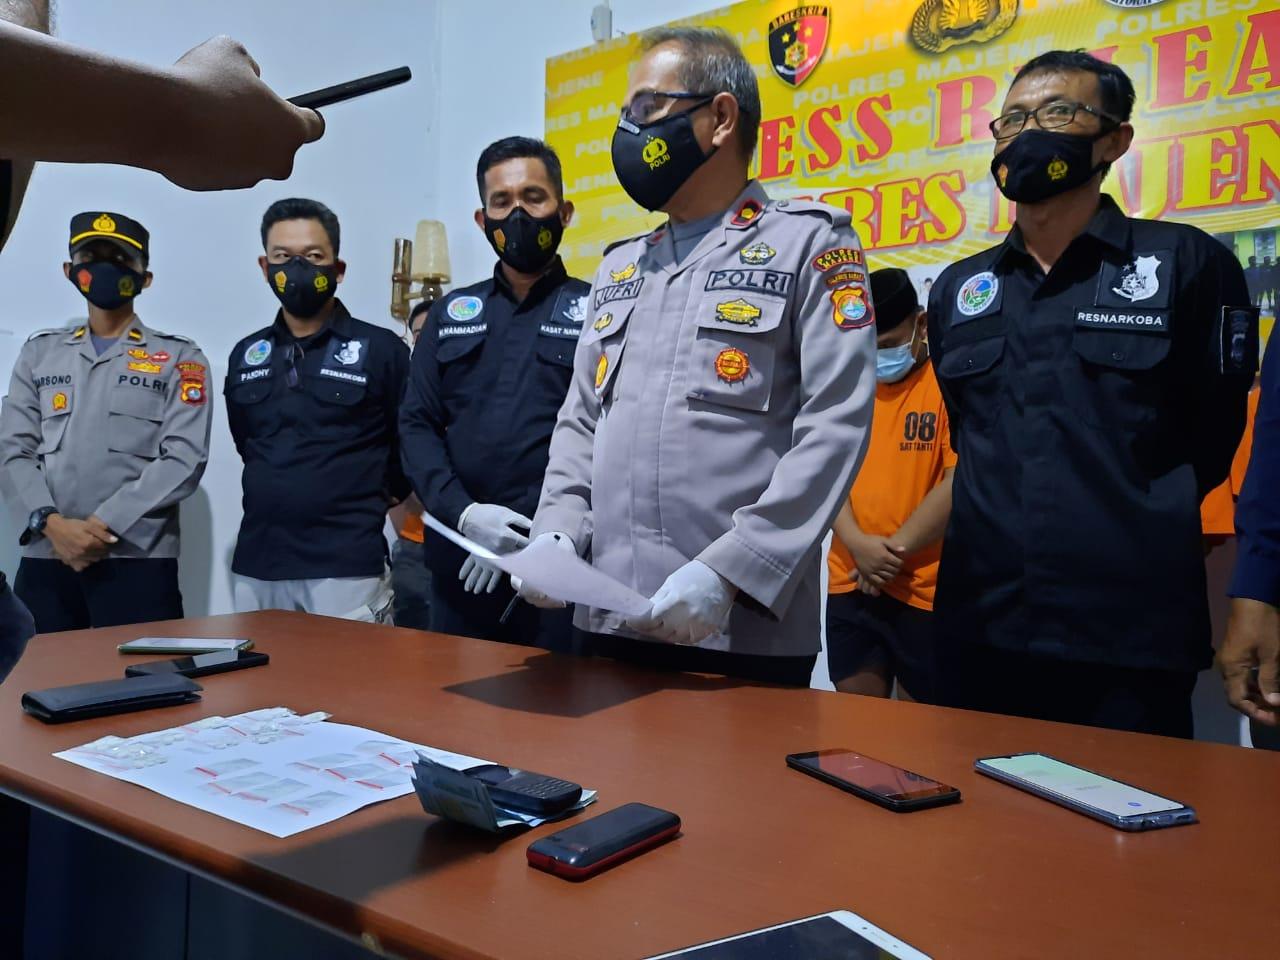 Satuan Reserse Narkoba Polres Majene Bongkar Aksi Penyalahguna Narkotika